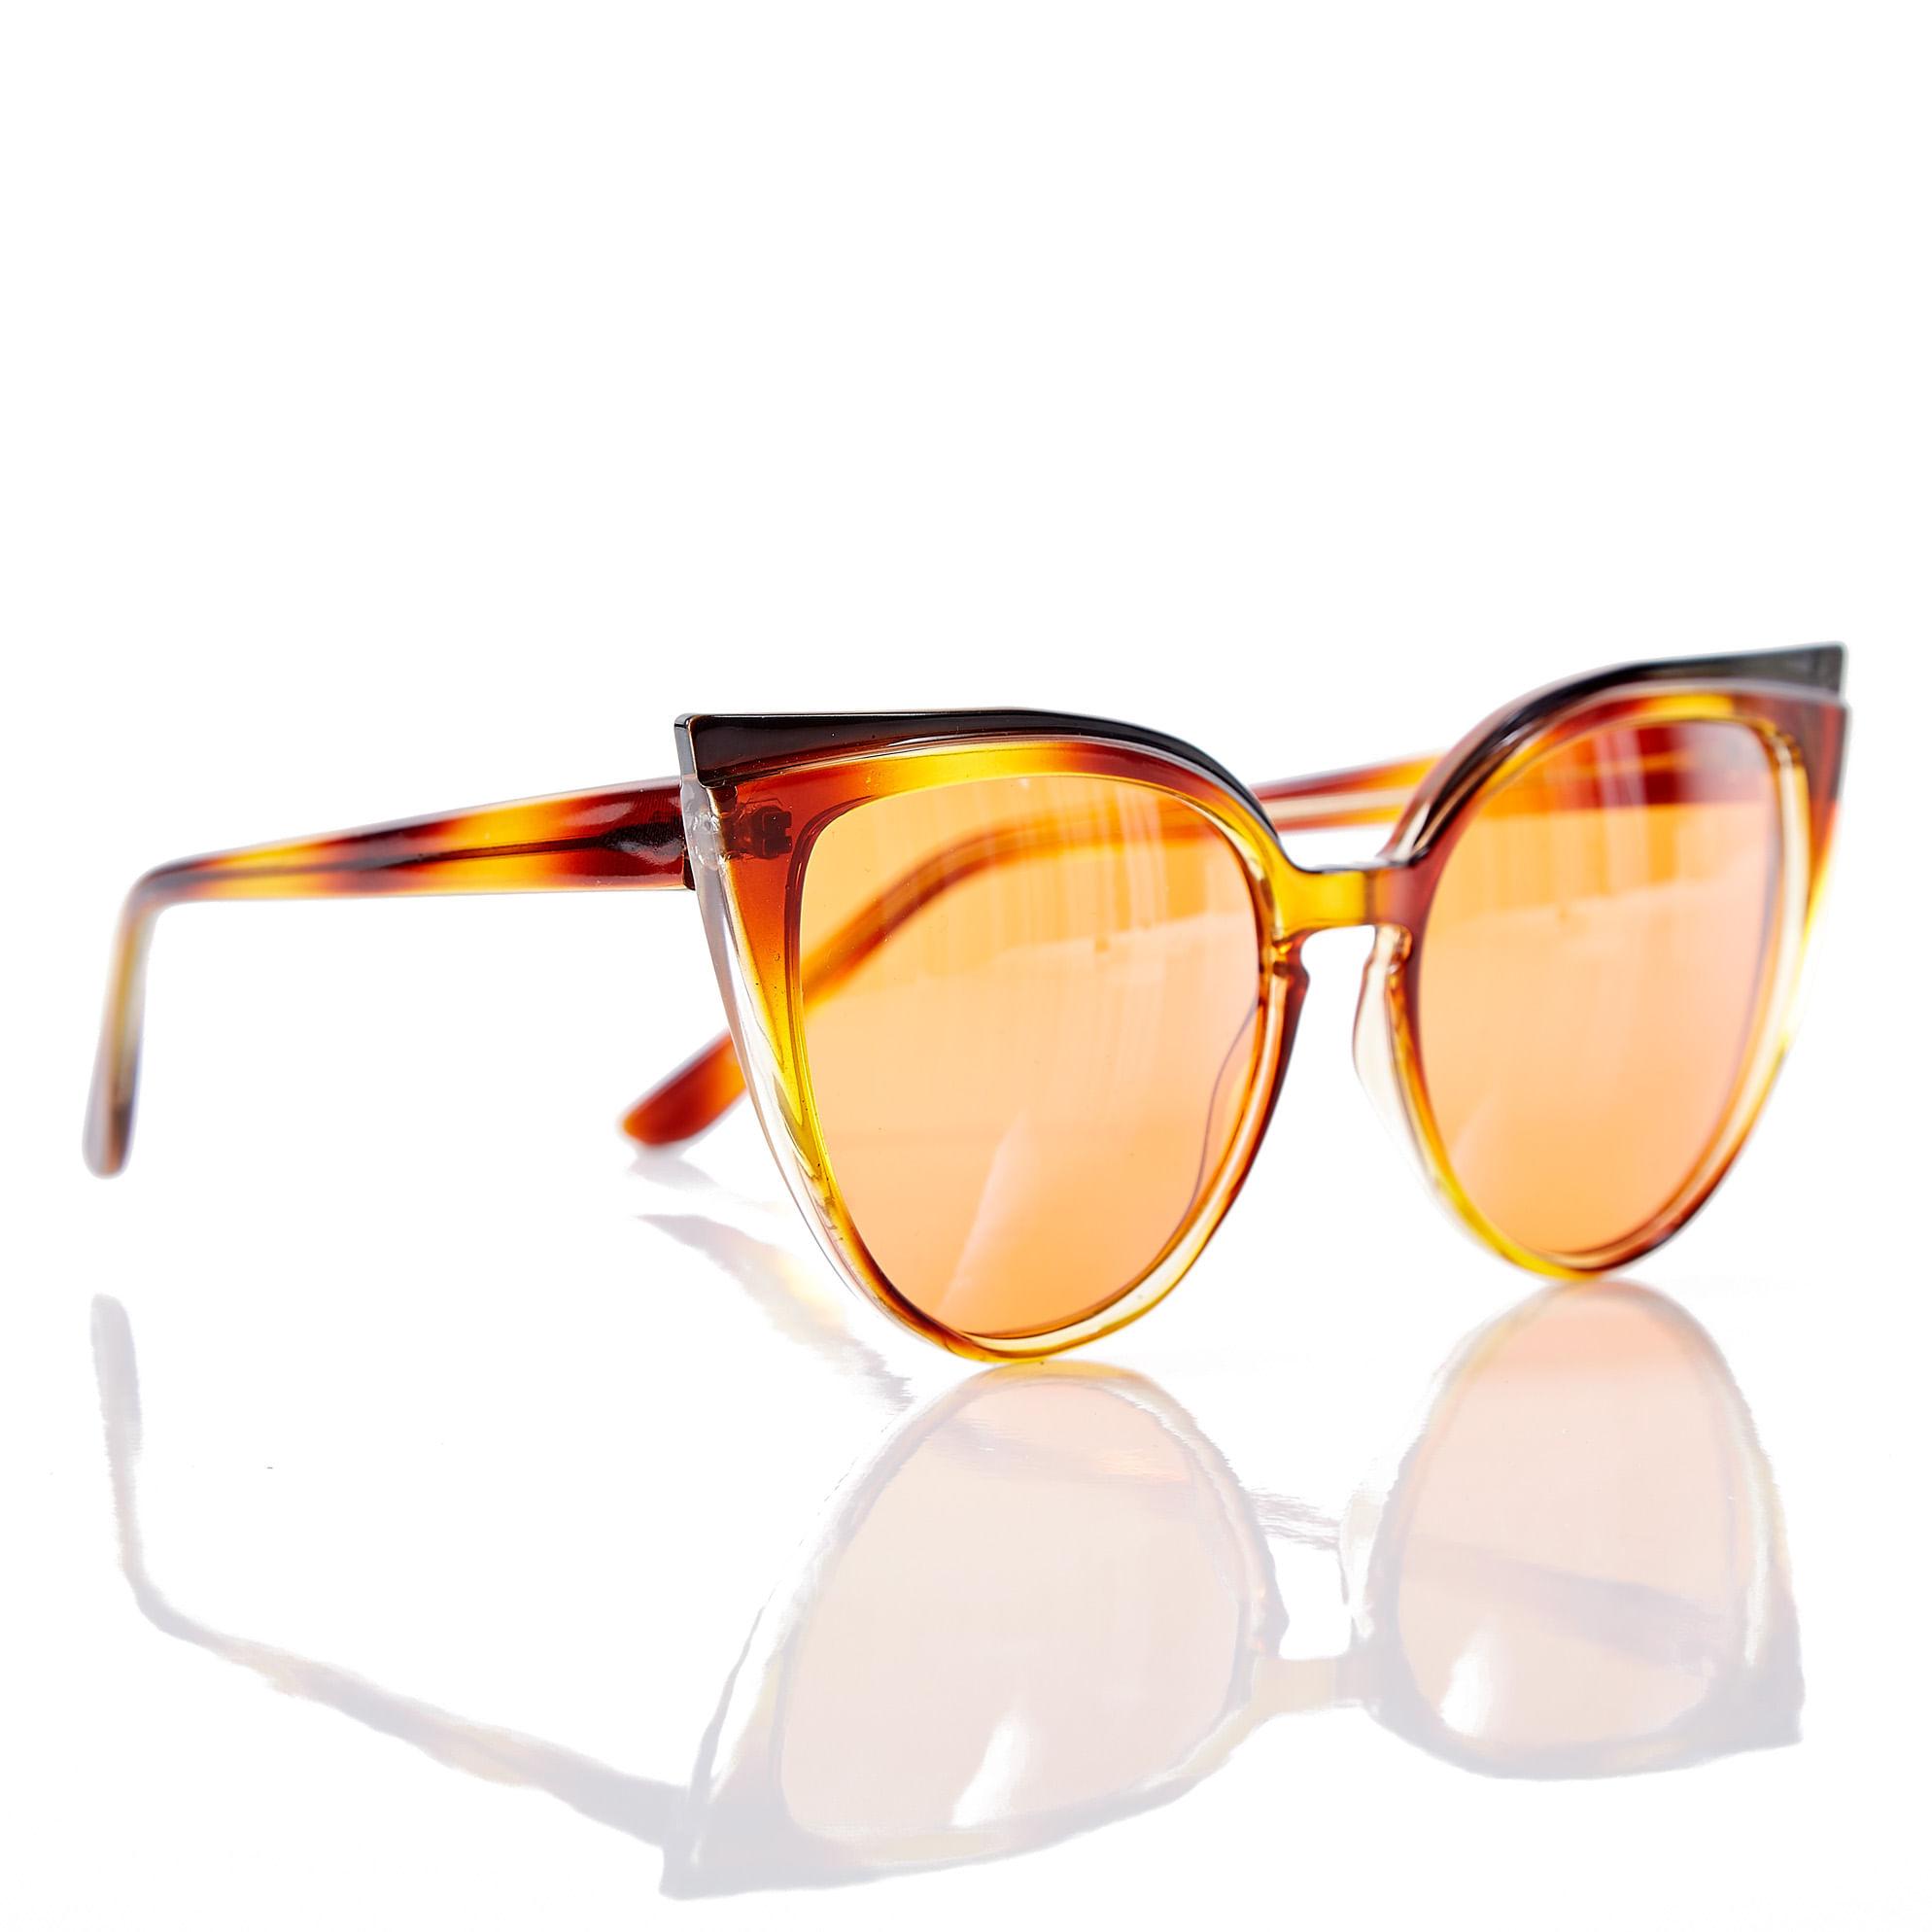 7874a25b65628 Oculos Max Gatinho Degrade Laranja Marrom - morenarosa